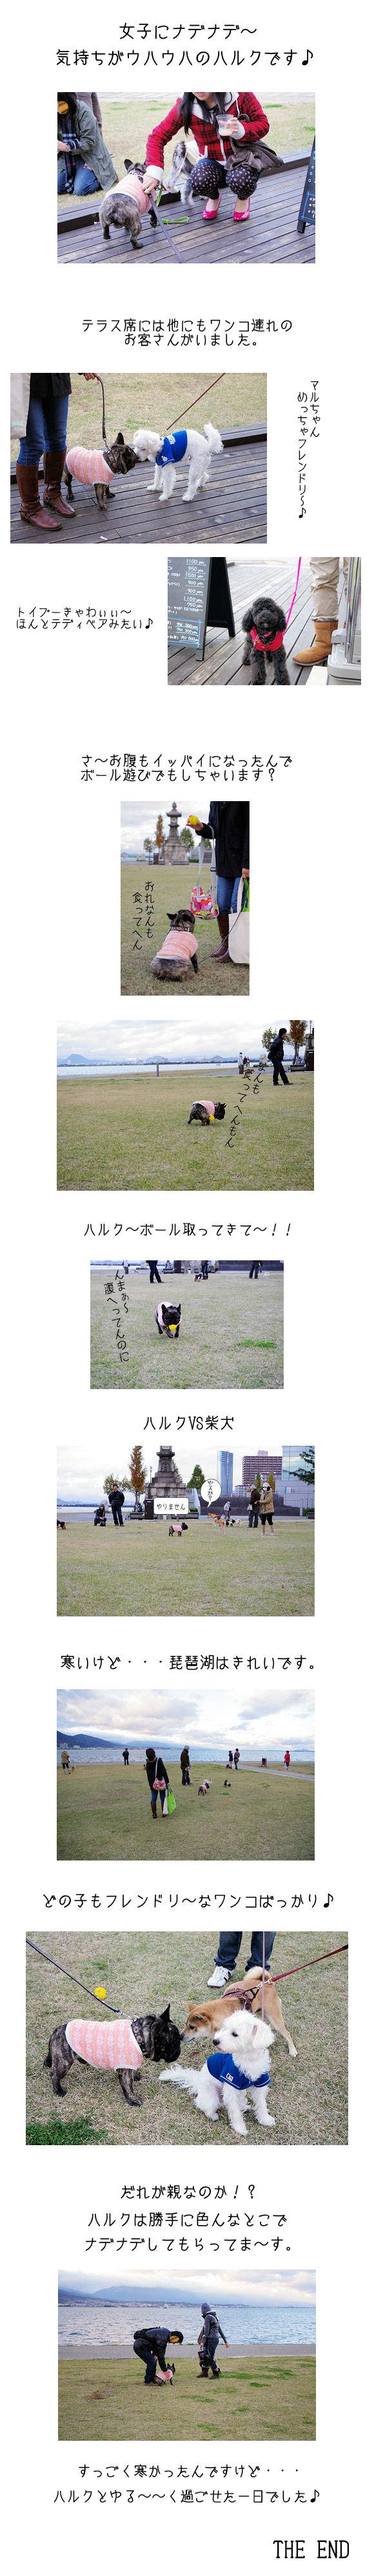 なぎさ公園♪♪